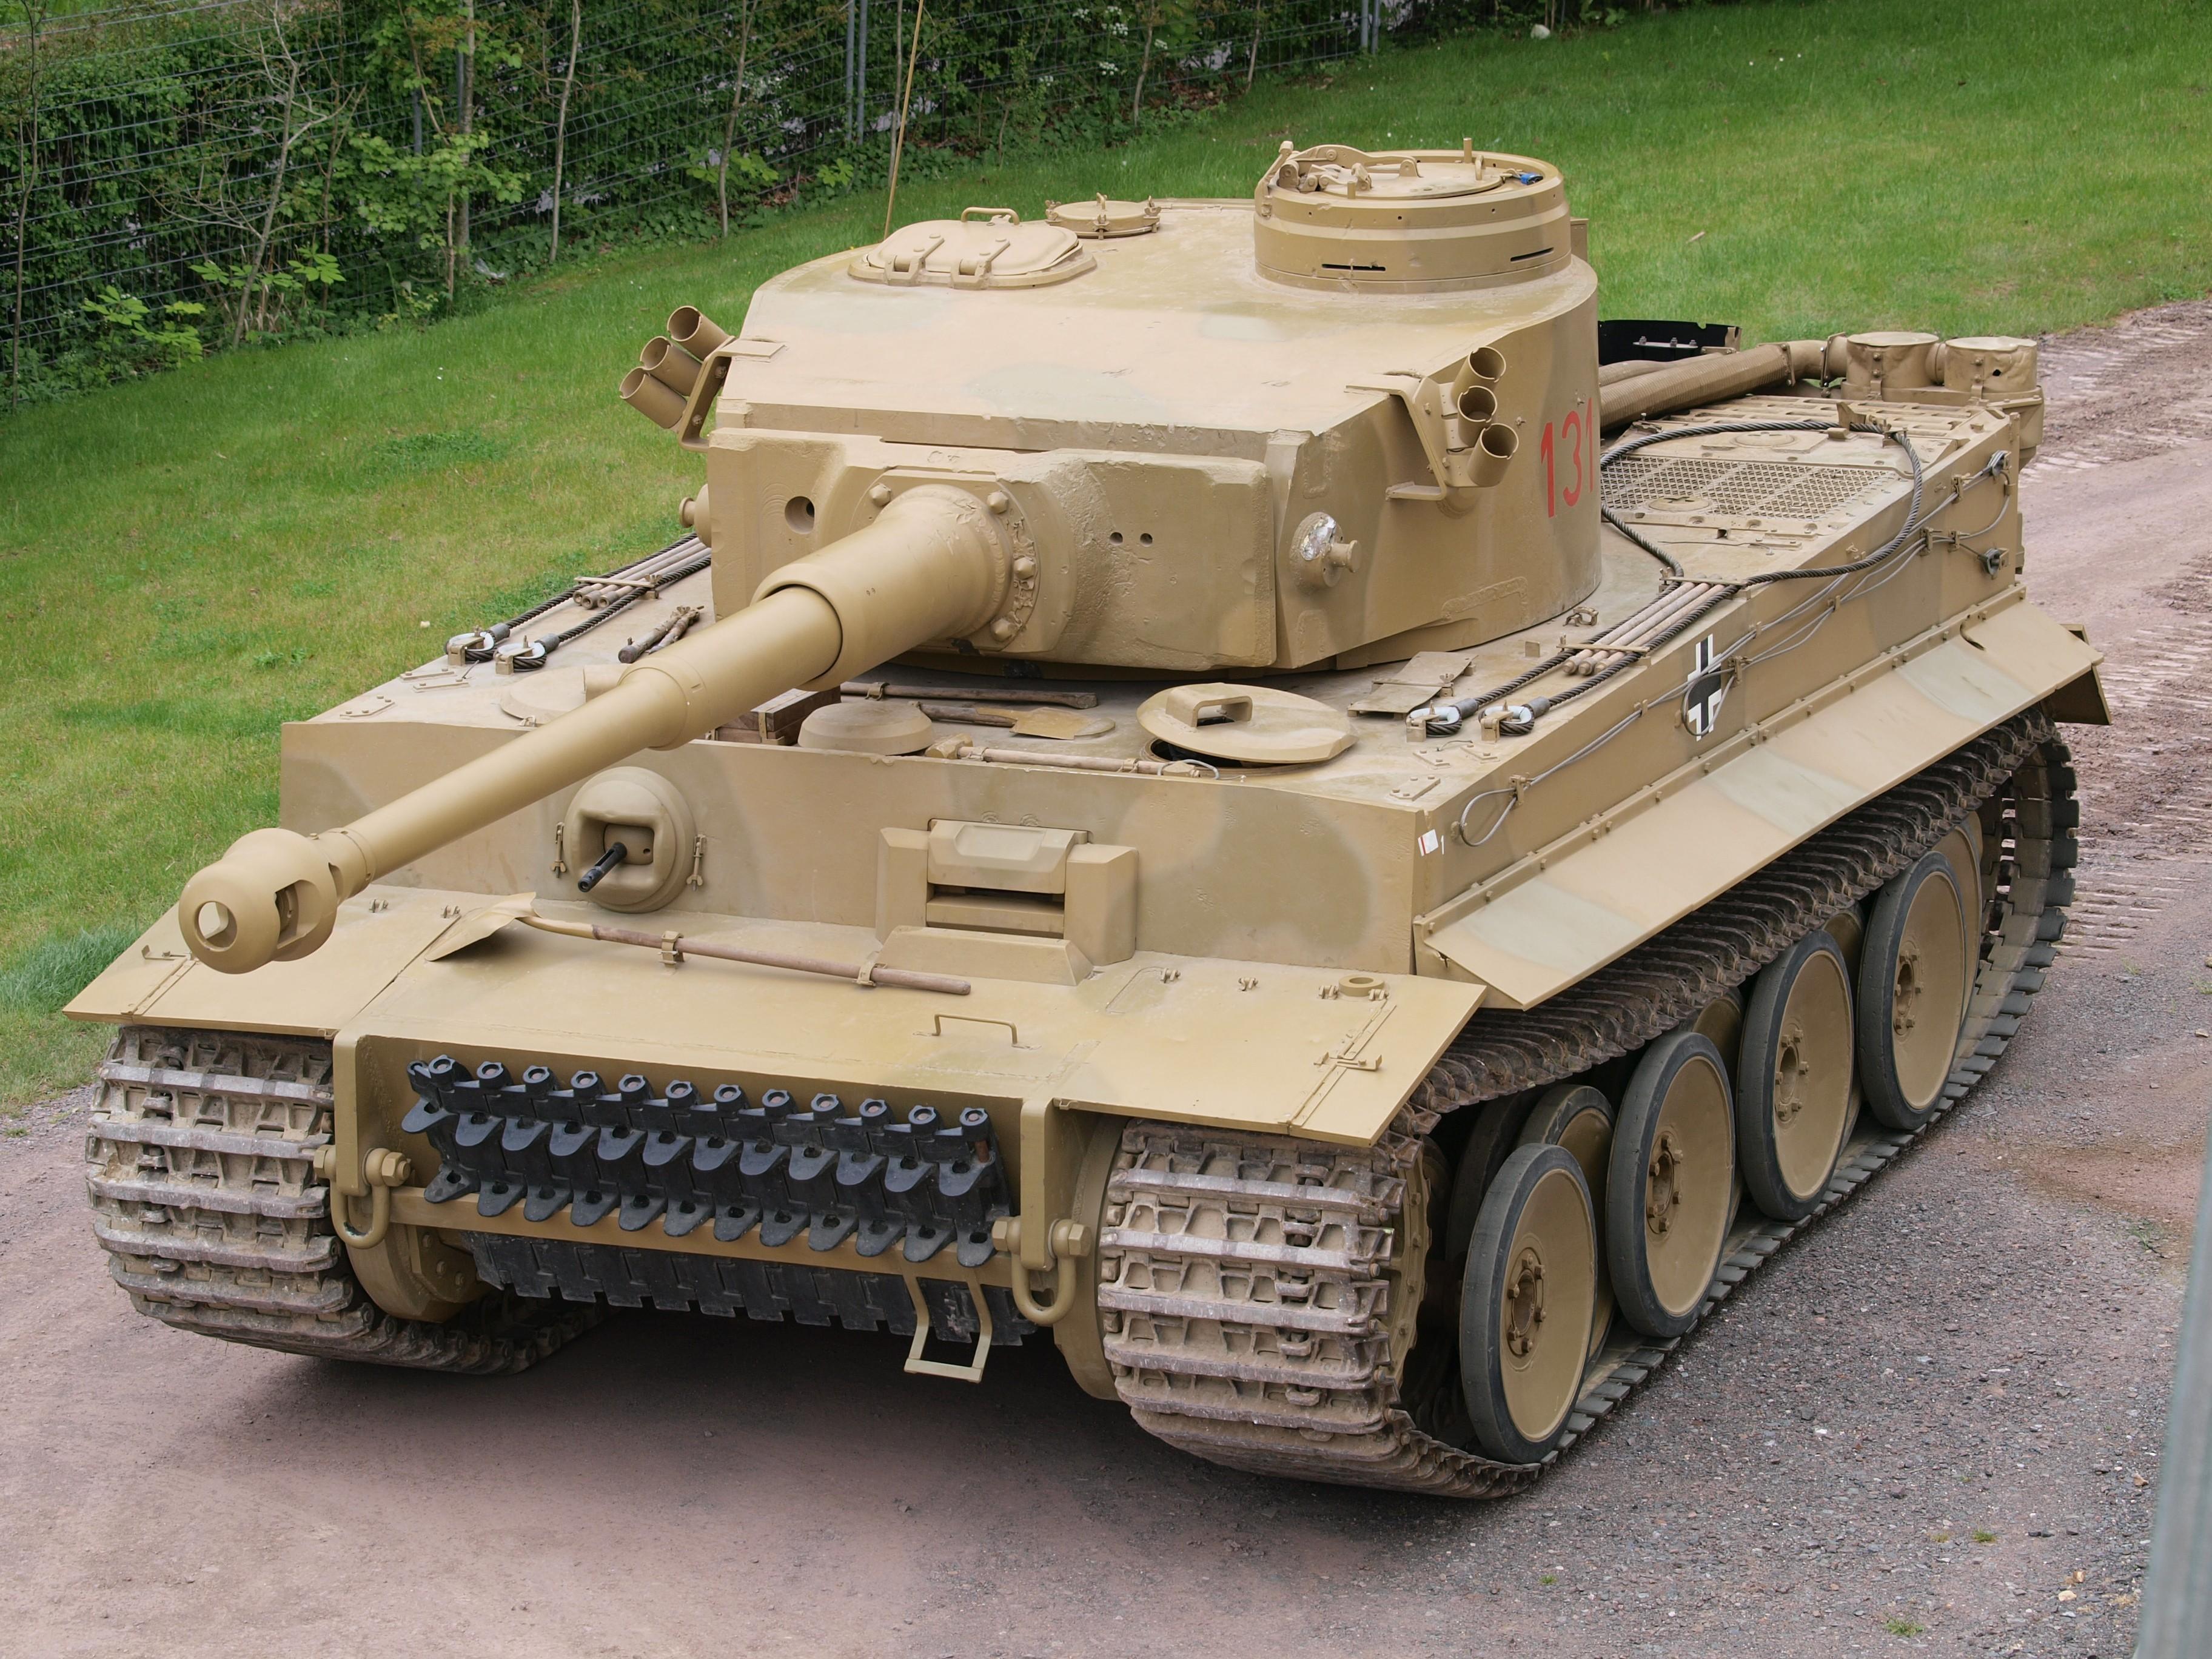 Chiếc Tiger 131, vũ khí quân sự khiến quân đội Mỹ khiếp sợ